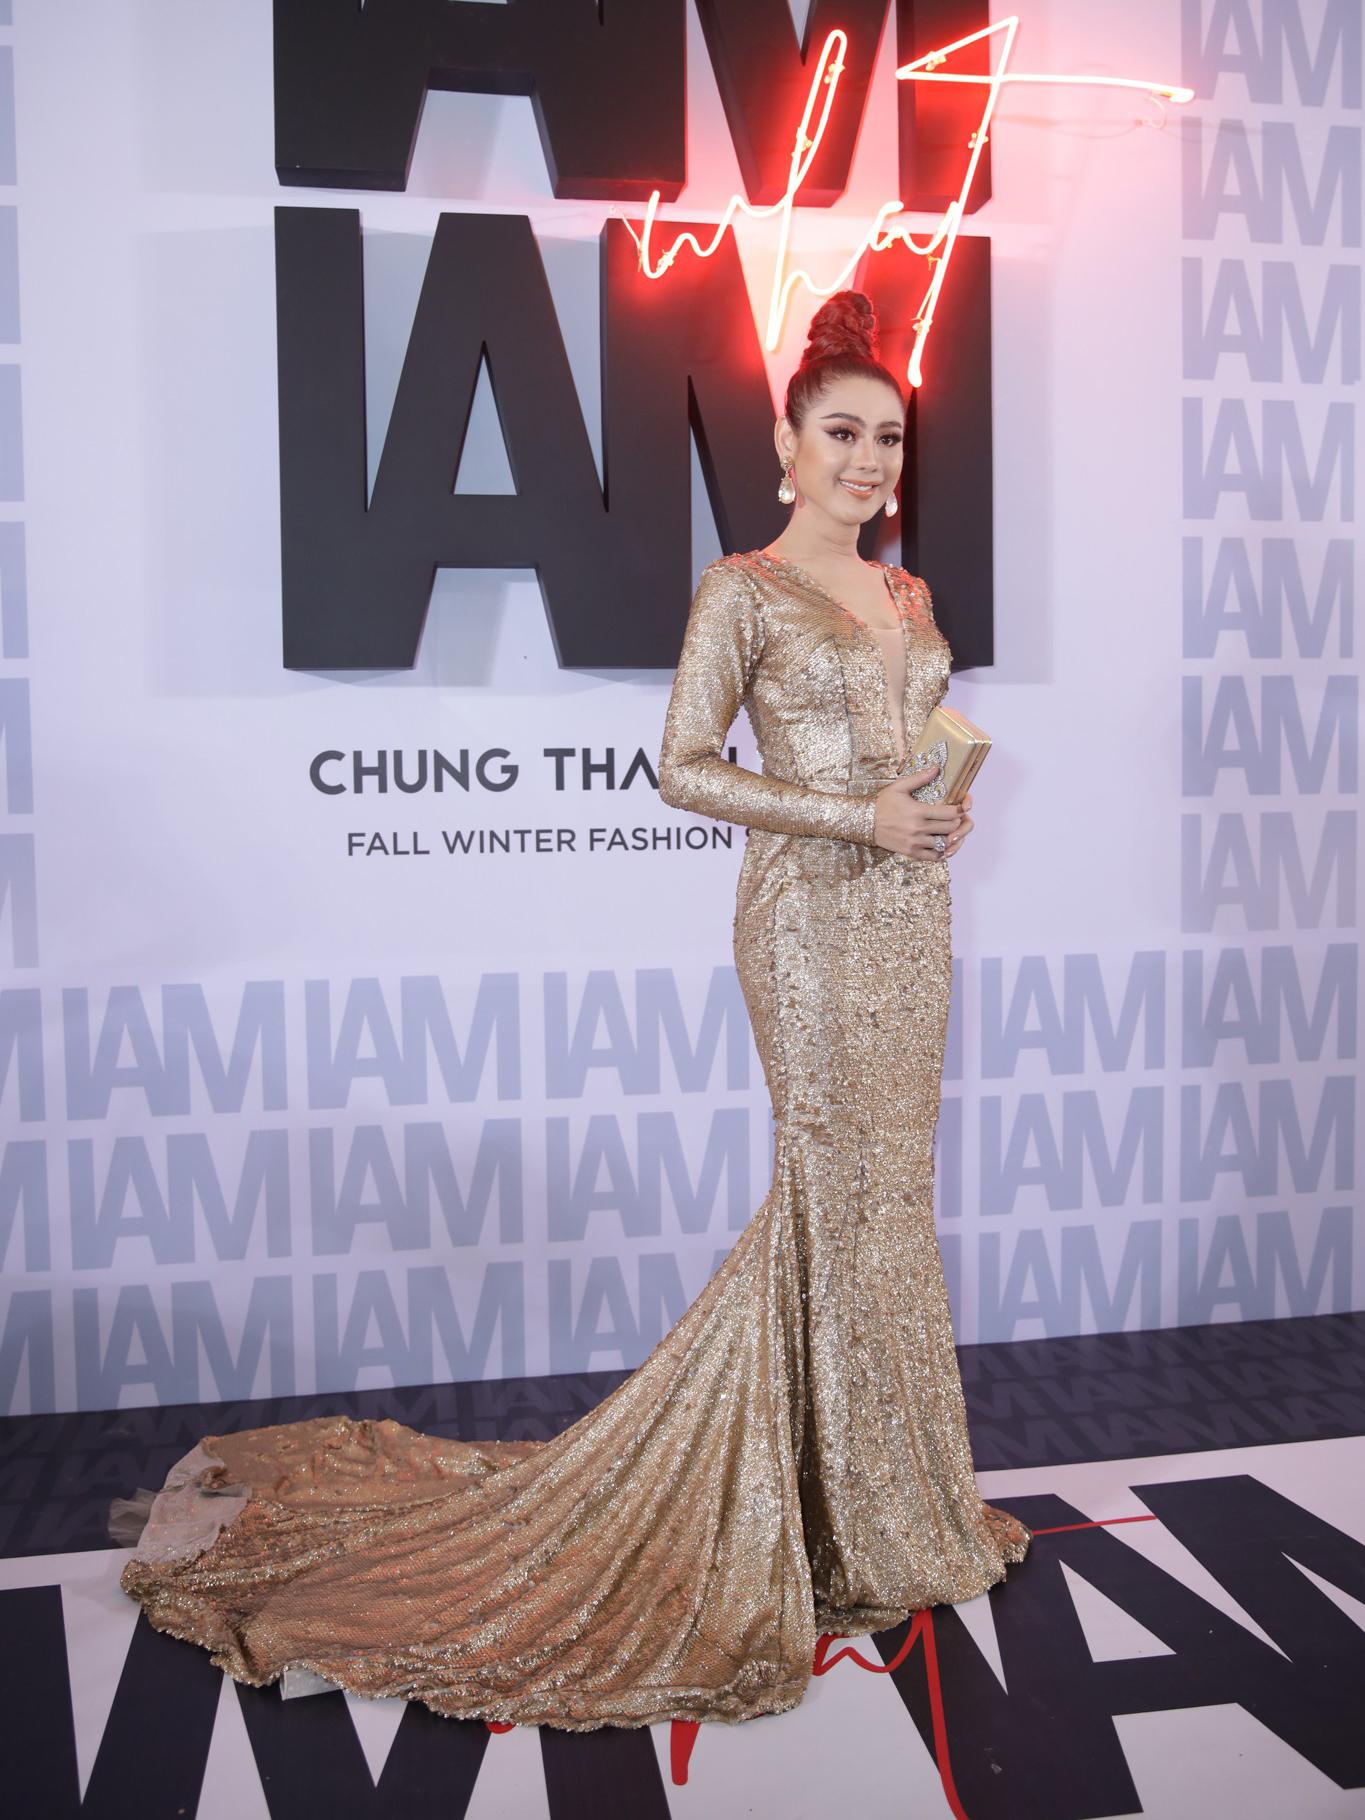 Thảm đỏ show Chung Thanh Phong: Khi dàn sao nữ đồng loạt lên đồ như dự lễ hội Halloween - Ảnh 11